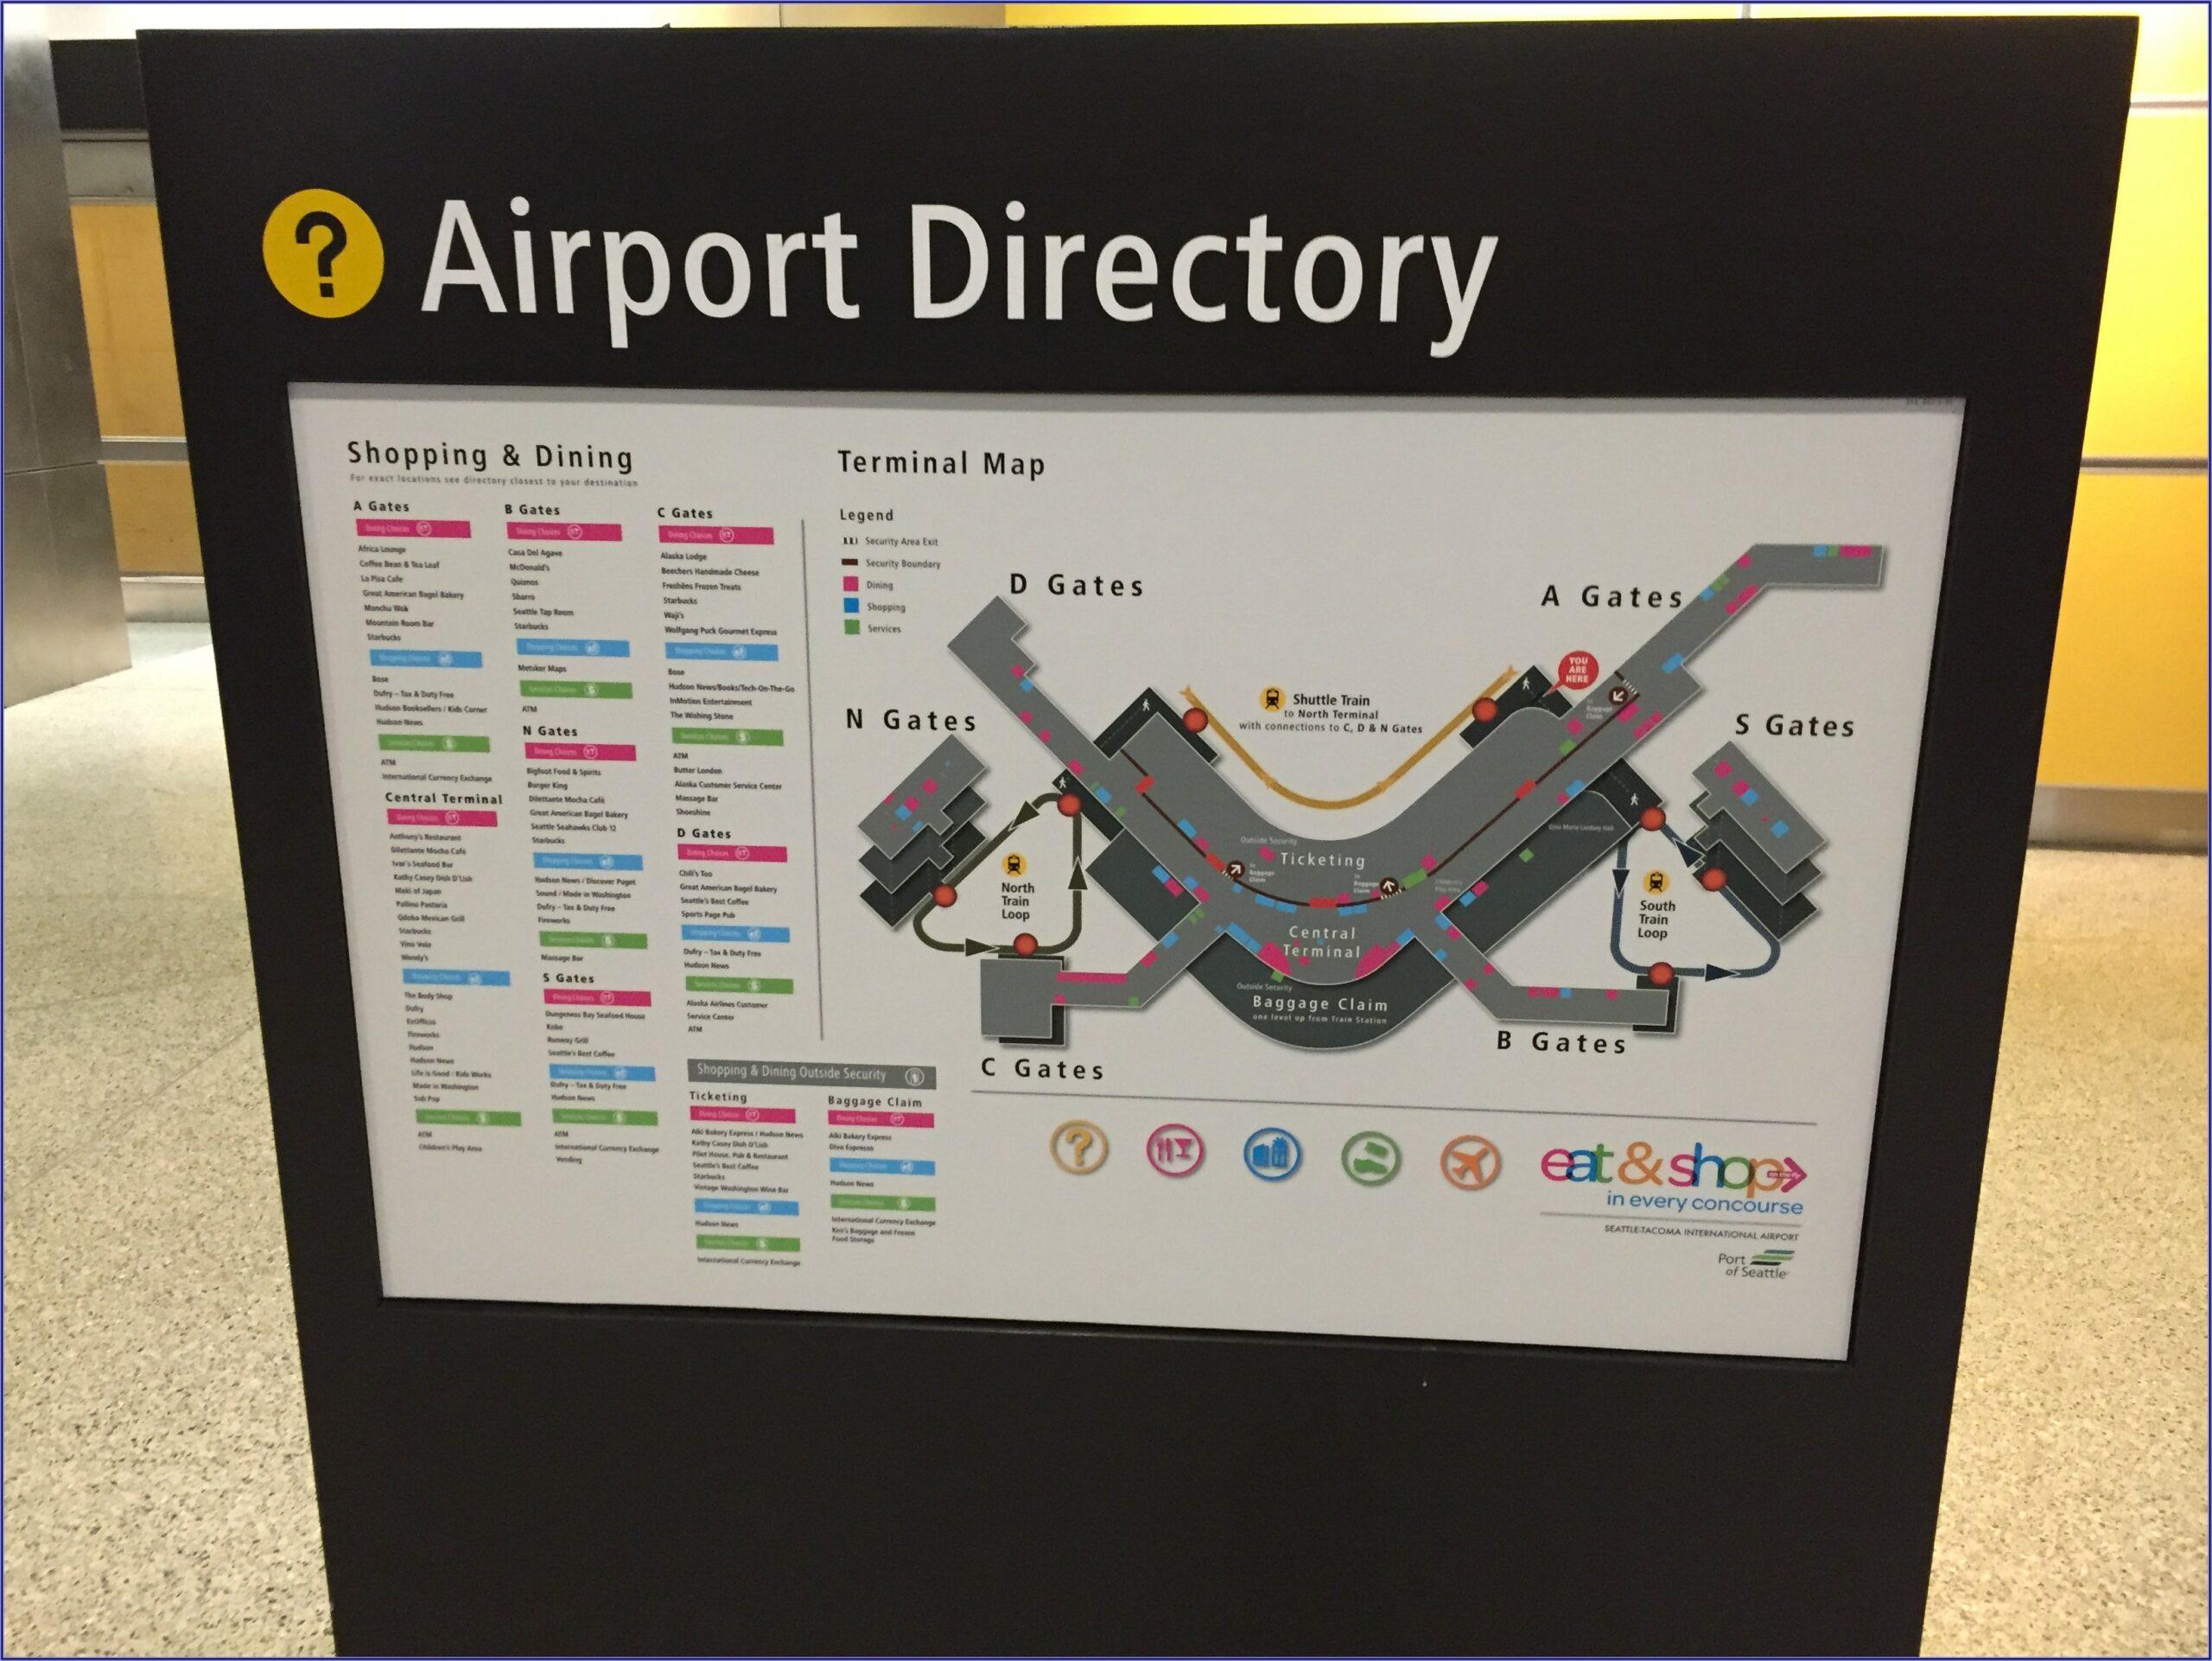 Seatac Airport Map S Gates